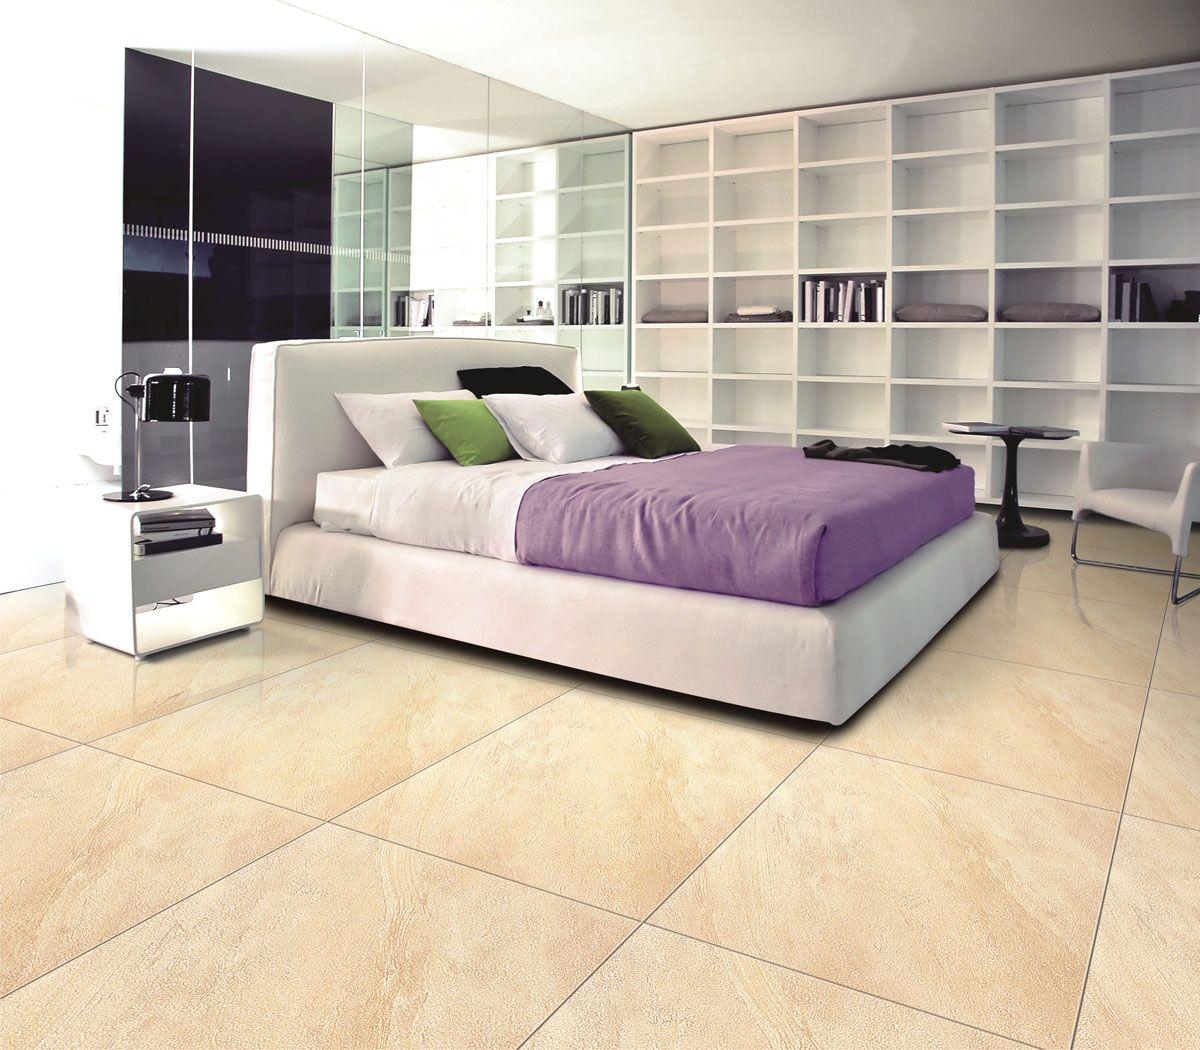 3+ Attractive Tiles For Bedroom - Decortez  Tile bedroom